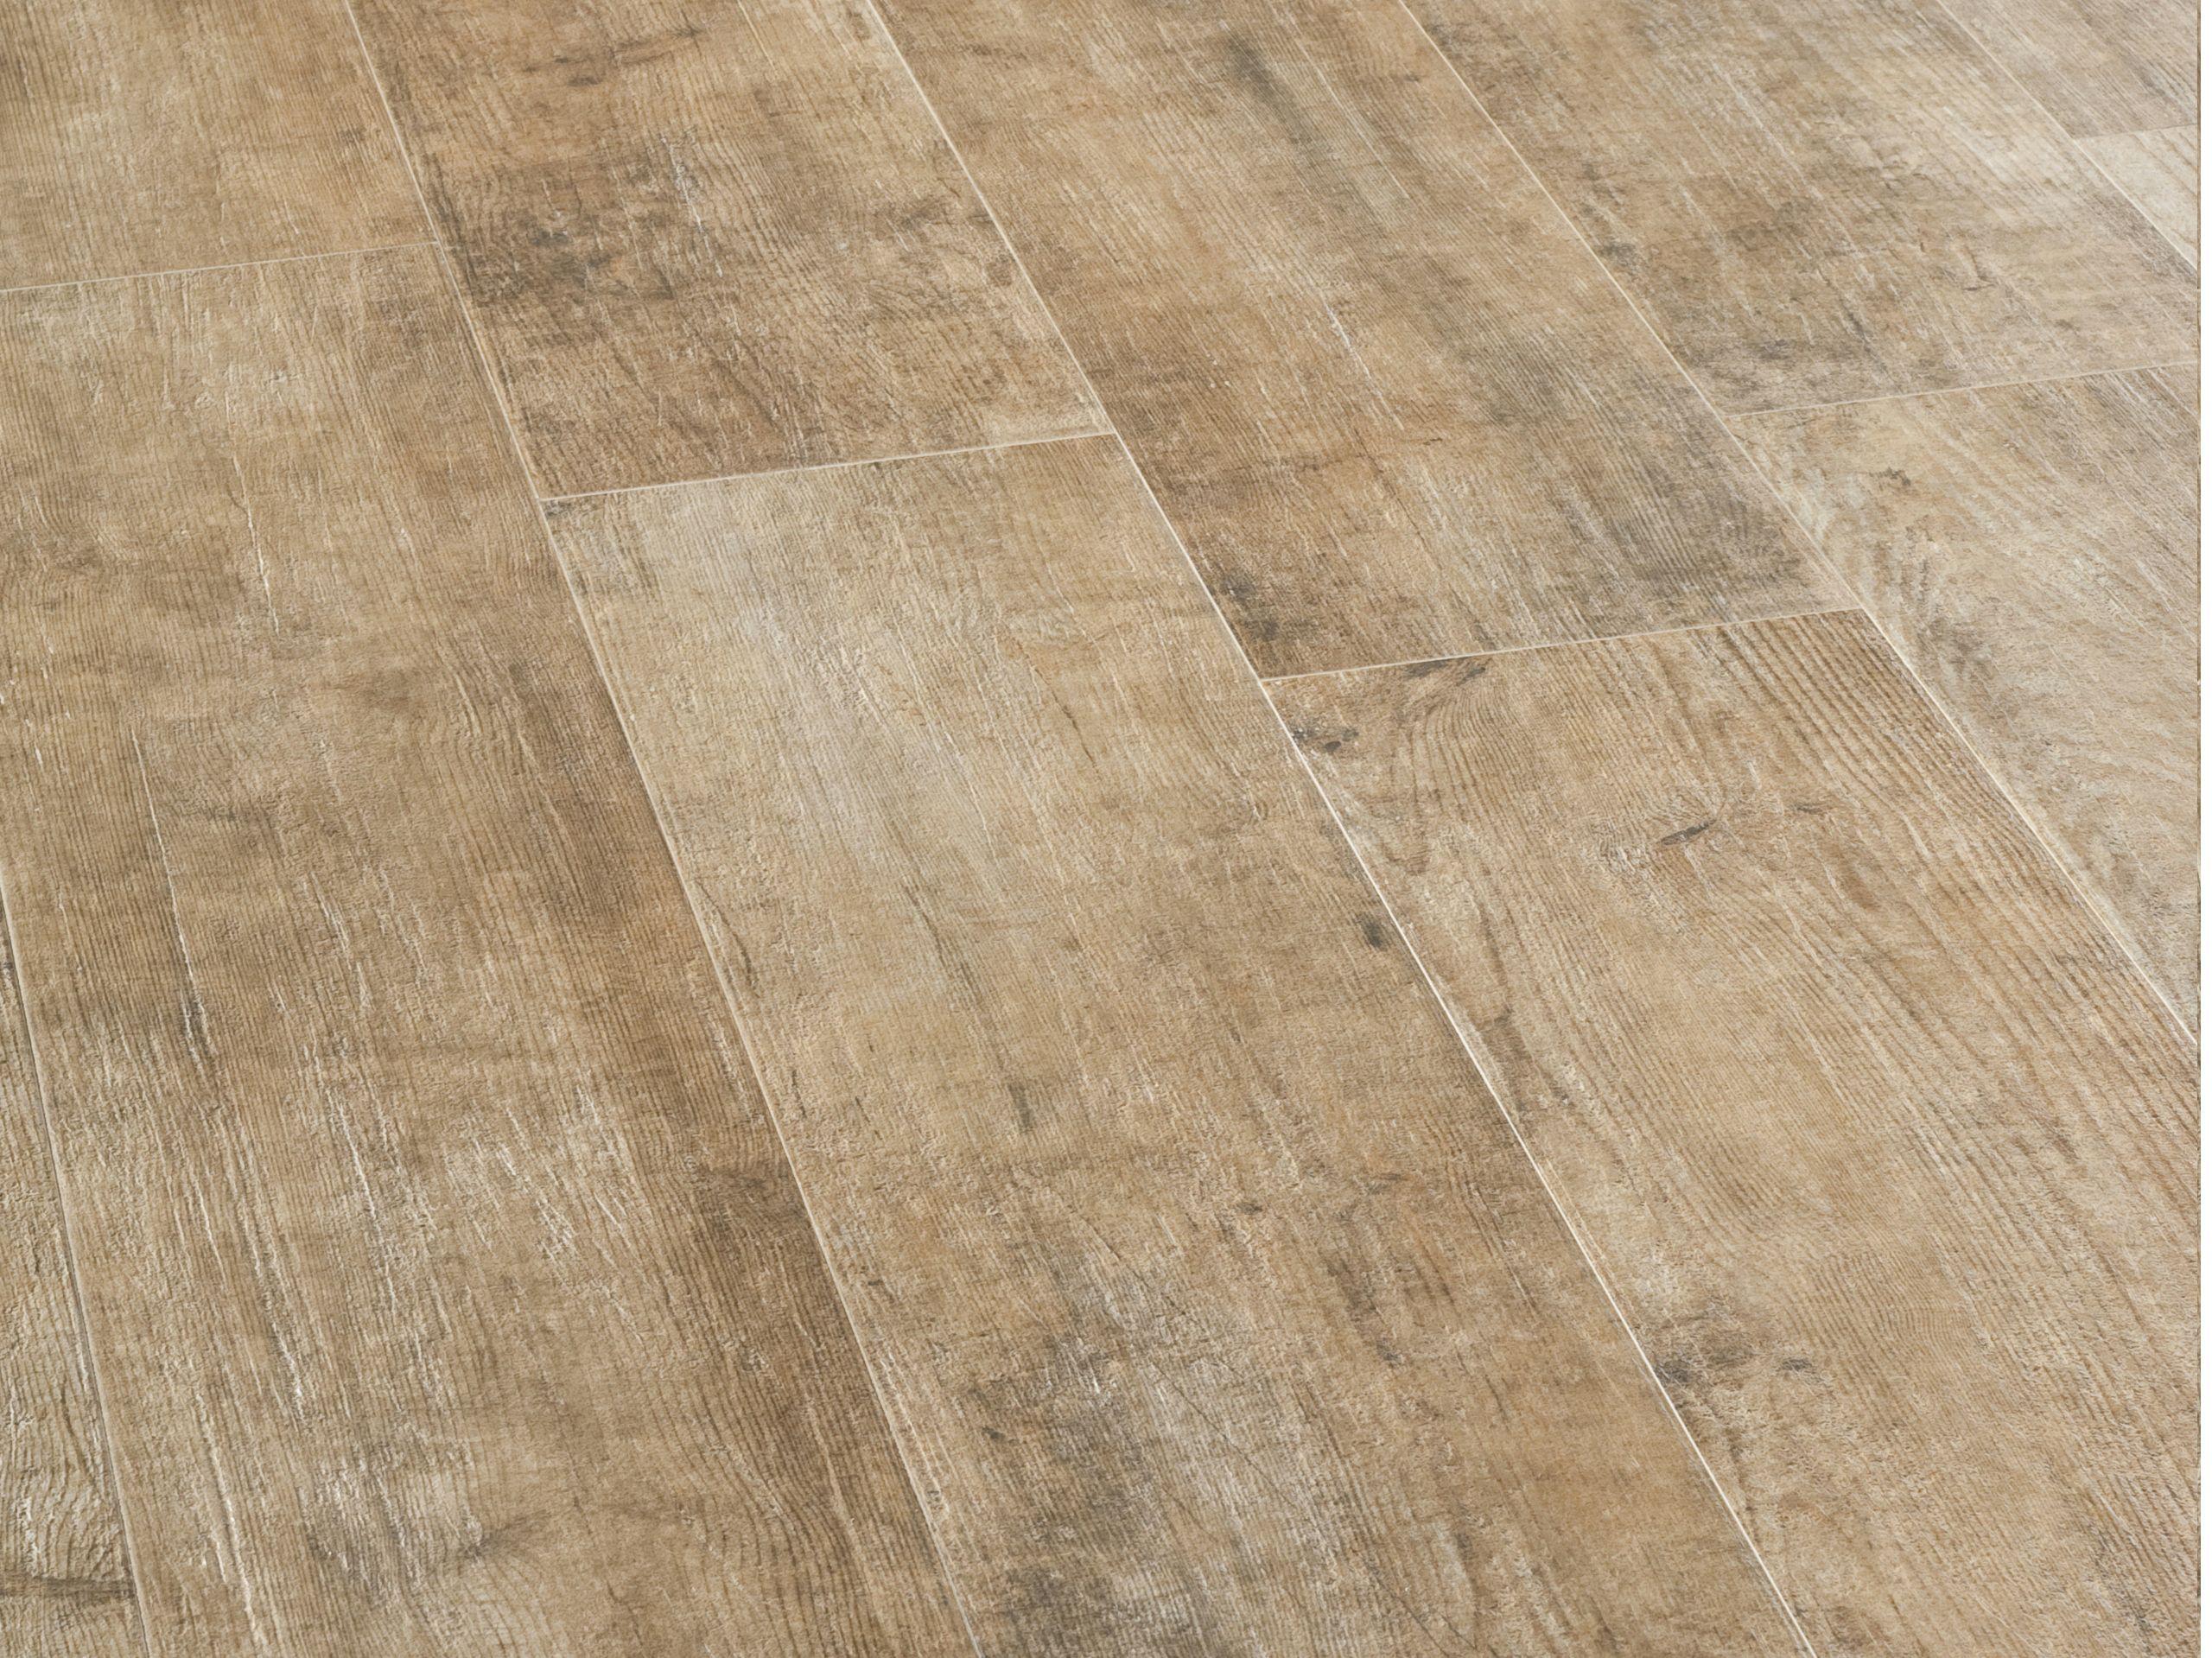 S Wood Tile Stairways Tile Floor Tiles Wood Effect Tiles